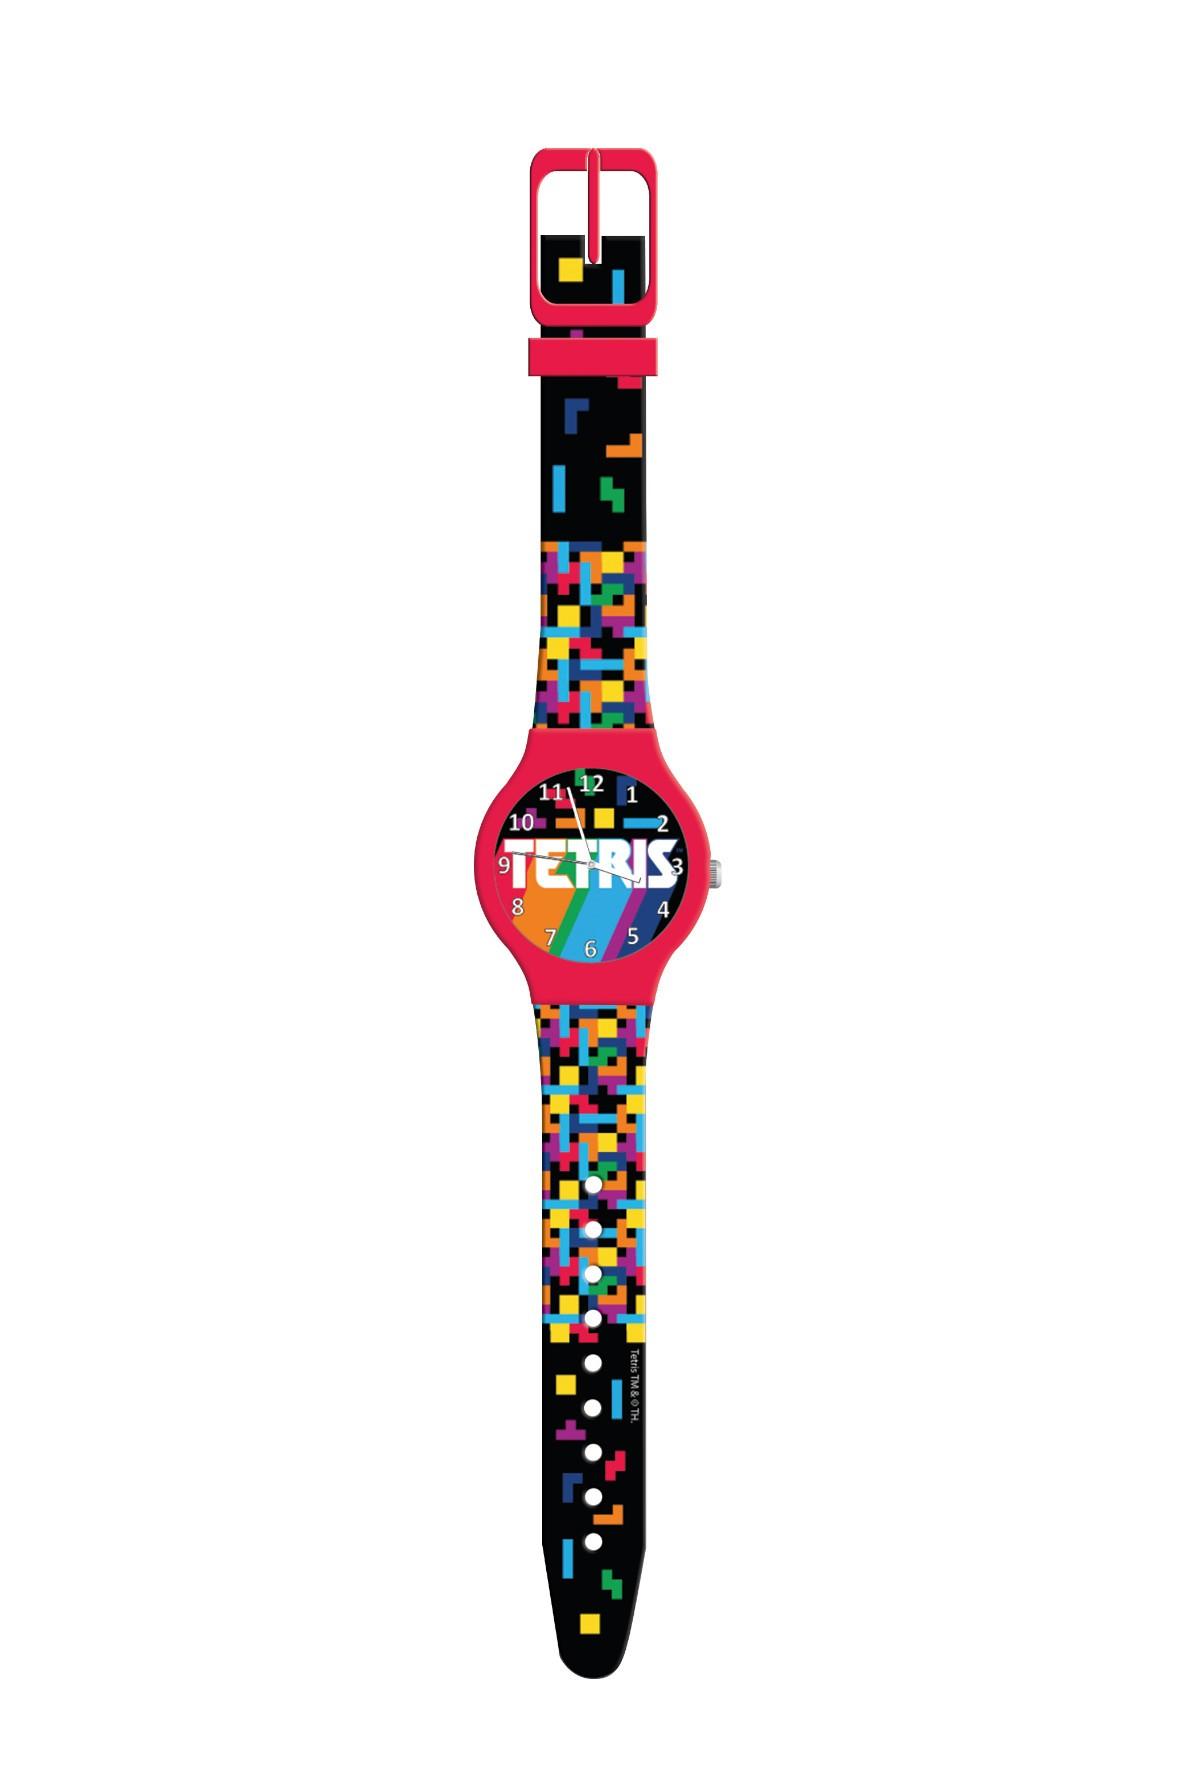 Zegarek analogowy w puszce TETRIS